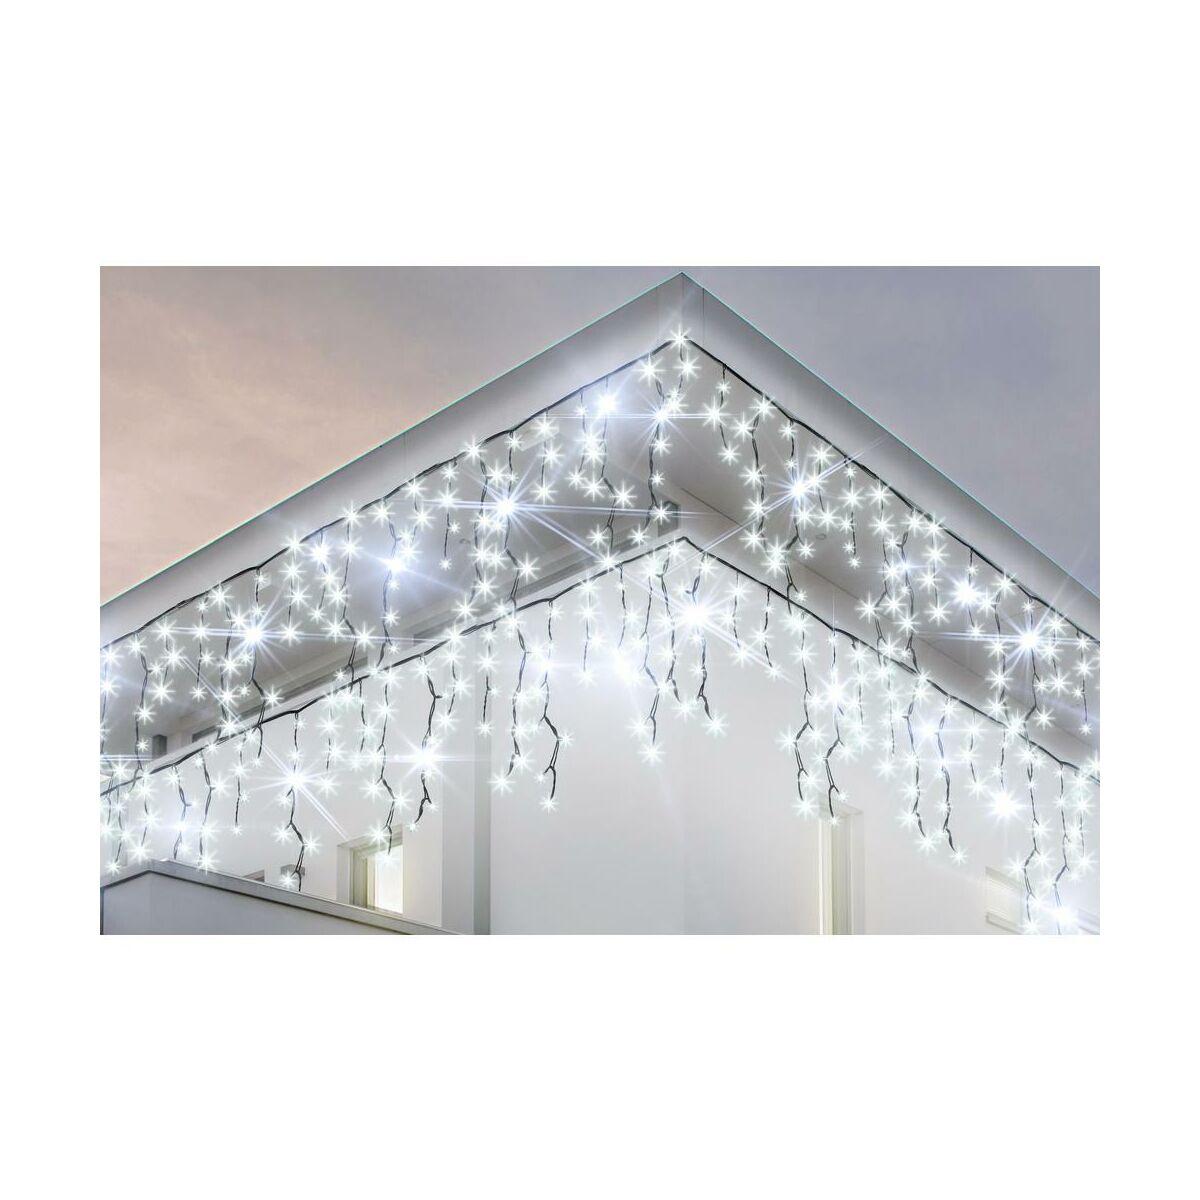 Kurtyna Swietlna Swiateczna 4 8 M 100 Led Biala Zimna Oswietlenie Swiateczne Zewnetrzne W Atrakcyjnej Cenie W Sklepach Leroy Merlin